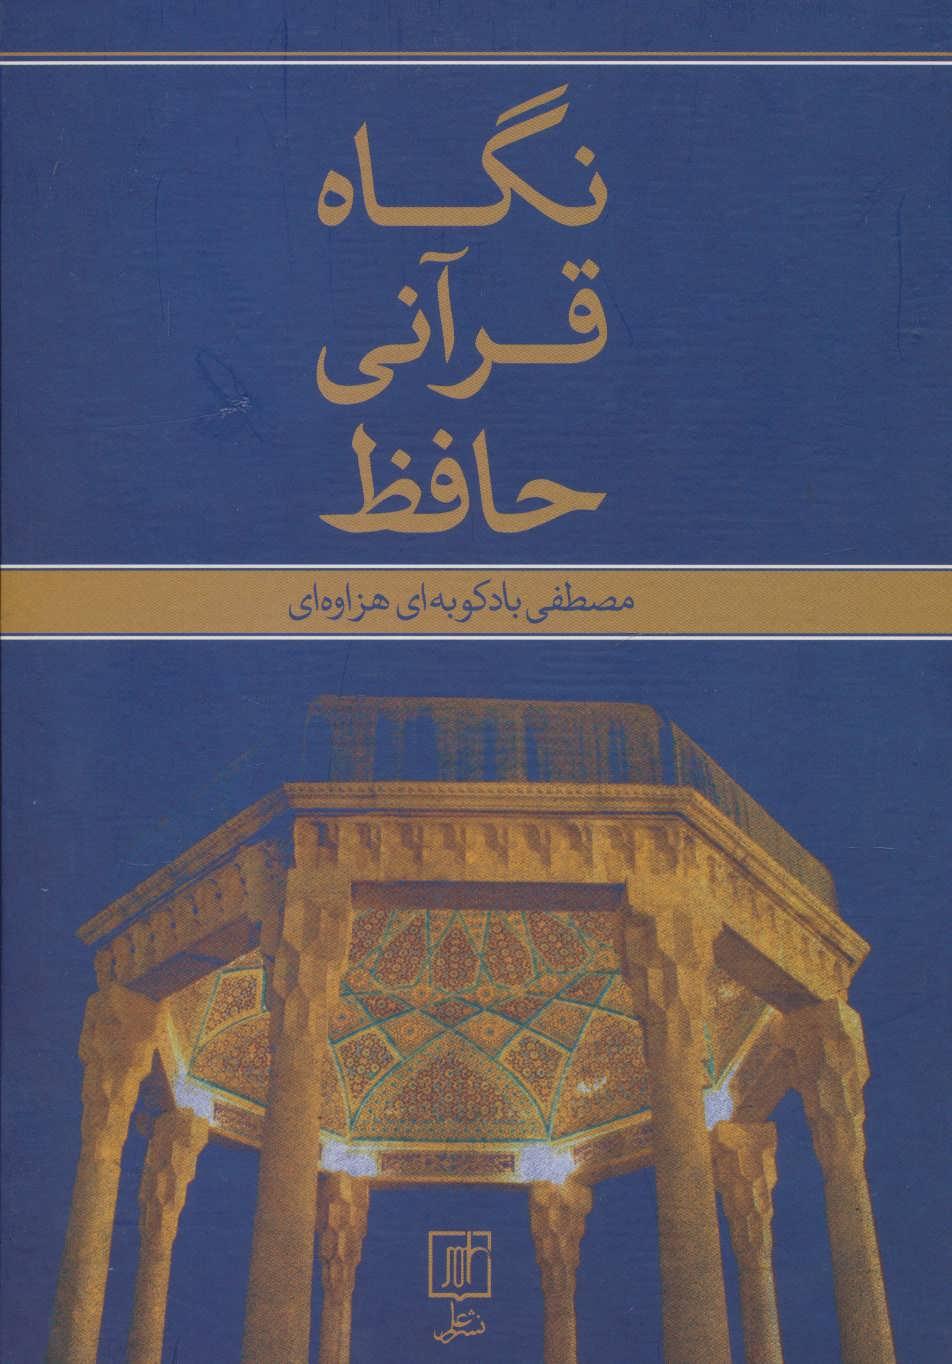 نگاه قرآنی حافظ